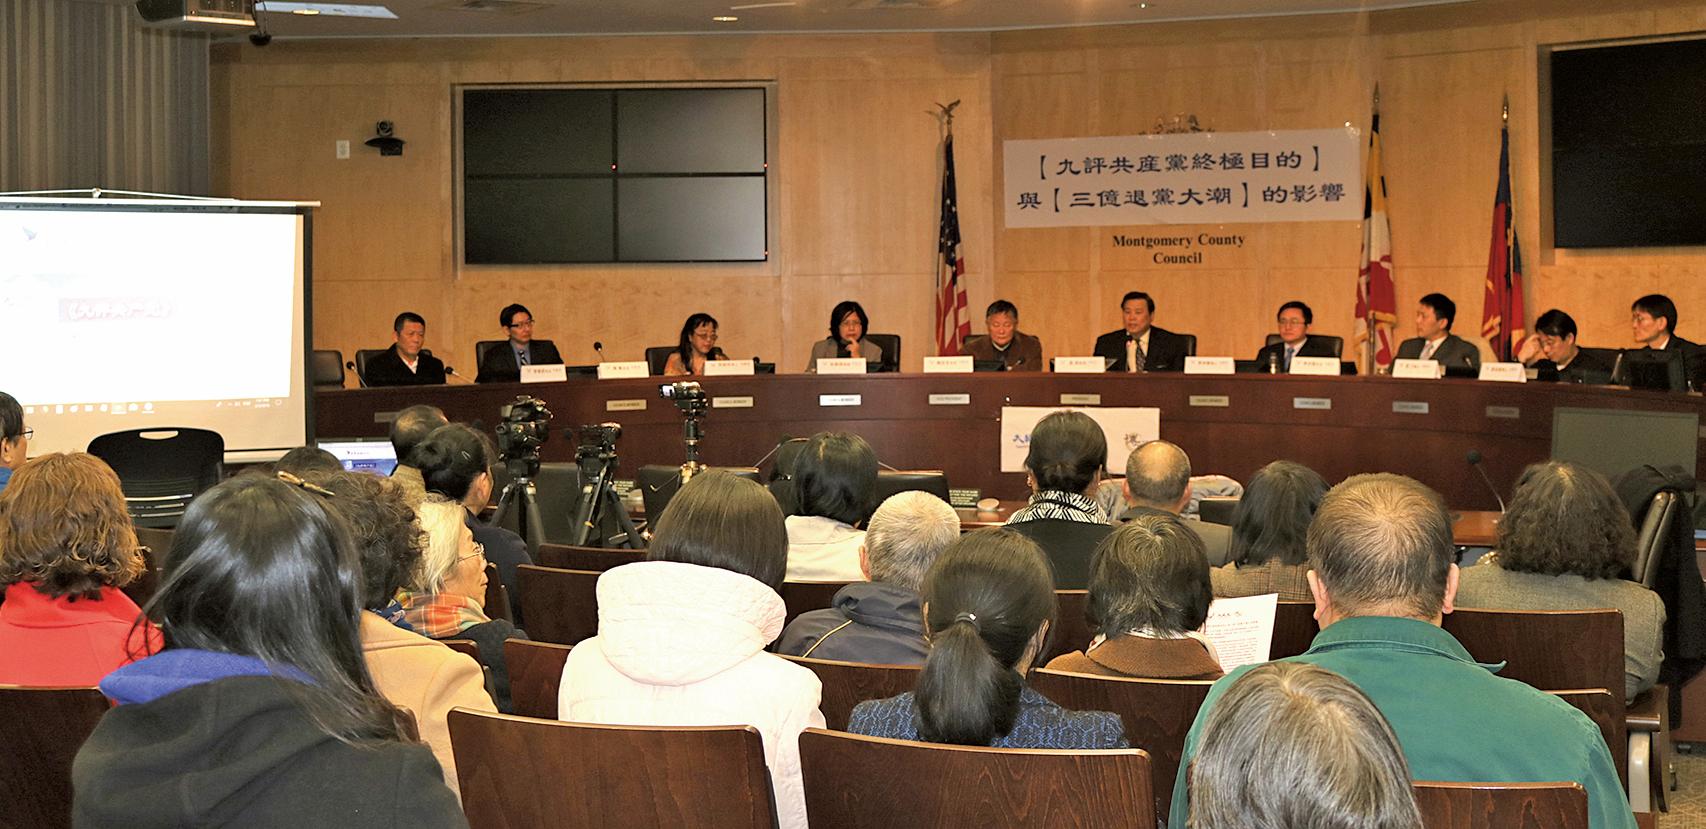 華府研討會《共產主義終極目的》與退黨